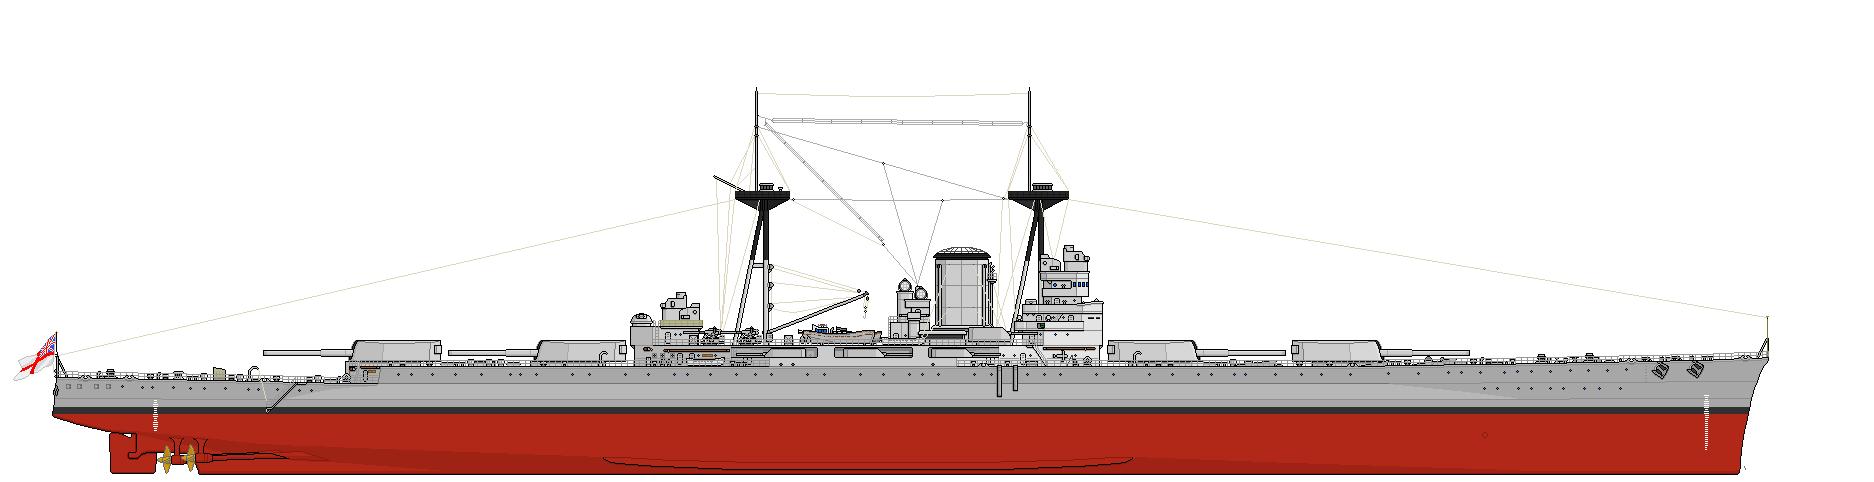 Az L1 jelű csatahajóterv négy ikerlövegtoronnyal felszerelt változata.